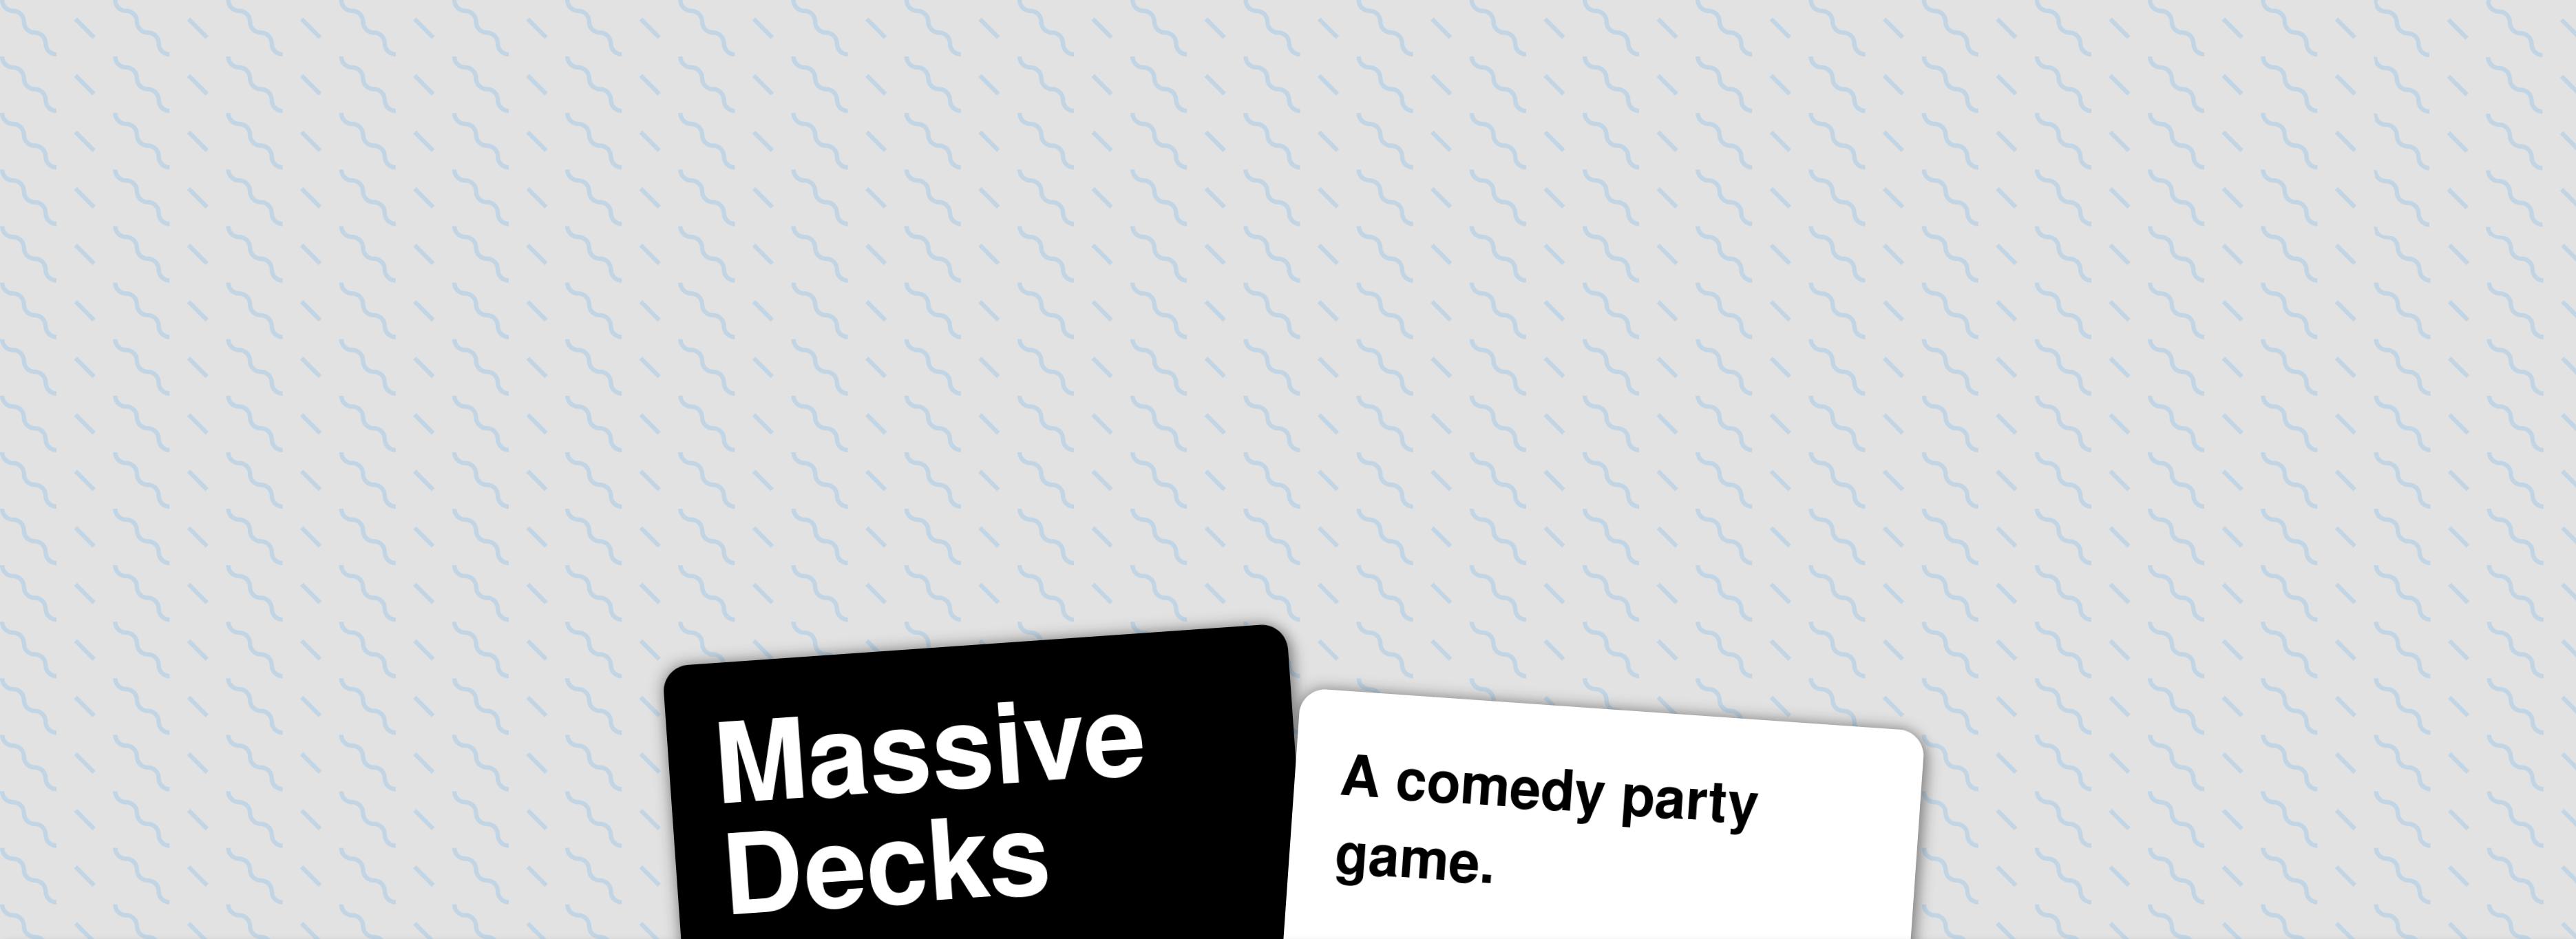 massivedecks